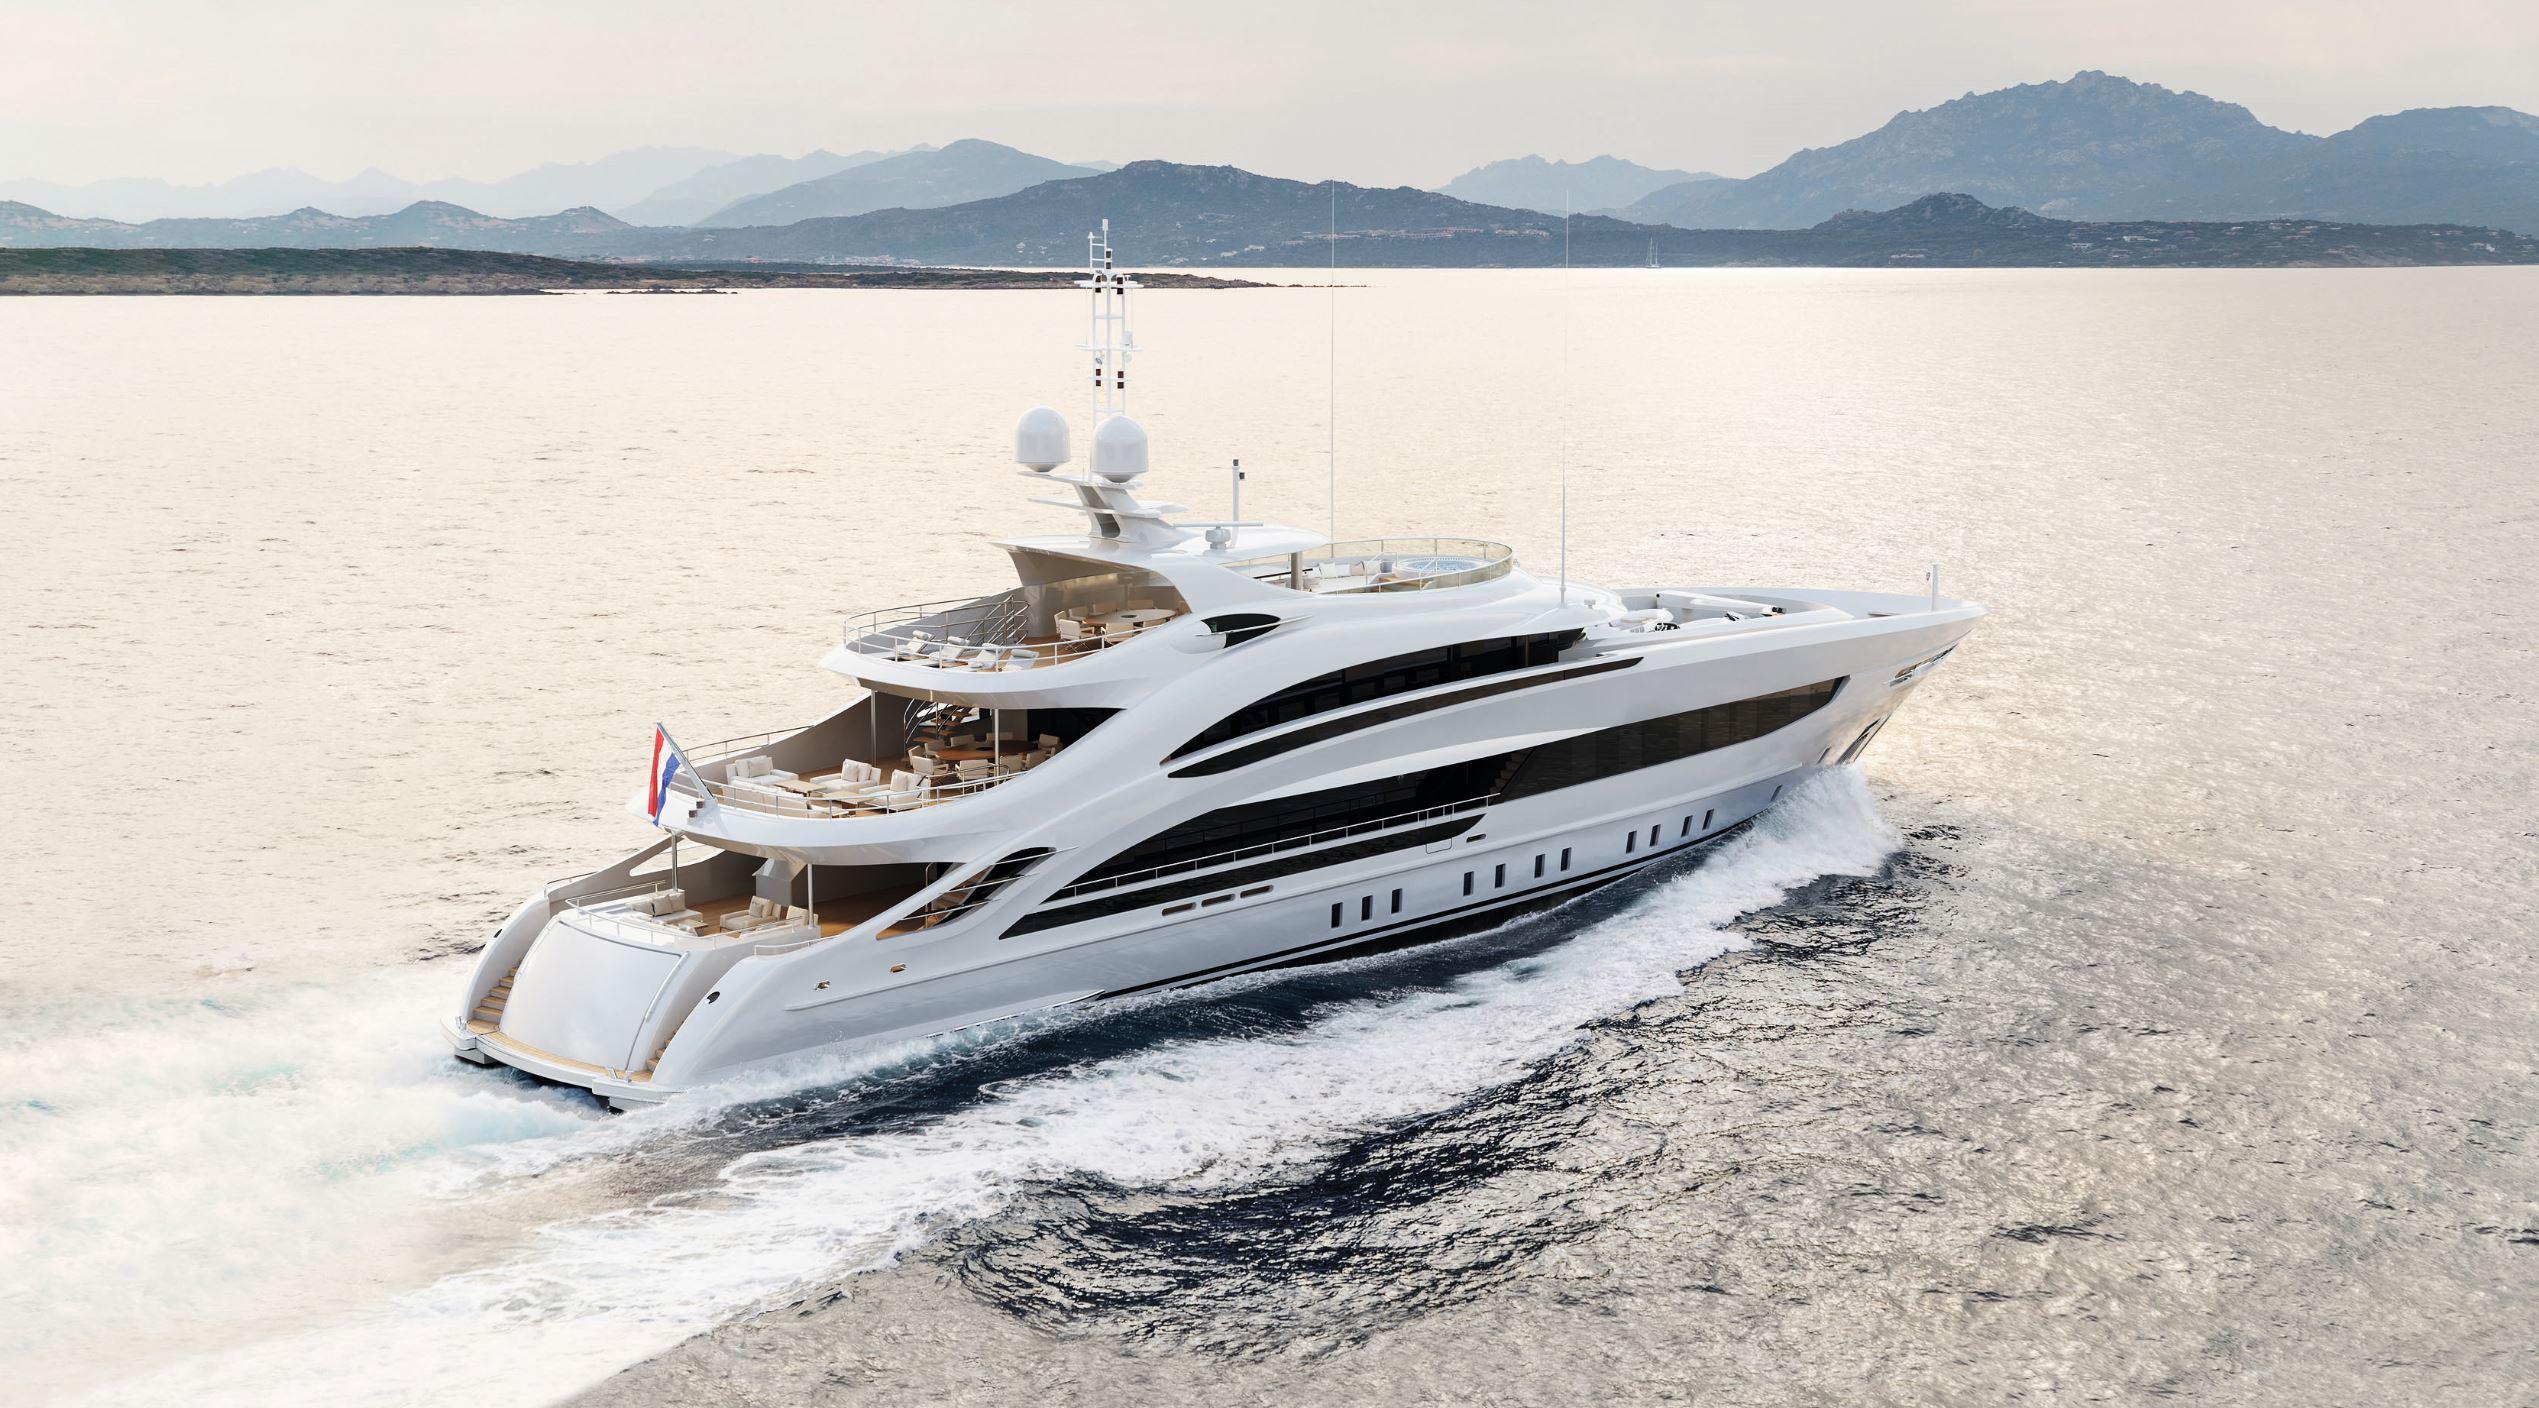 Во время пандемии Heesen Yachts непрекращала работу надяхтами, заложенными насобственные средства. Так, 50-метровая стальная Project Aura доступна дляпокупки ибудет готова воктябре этого года